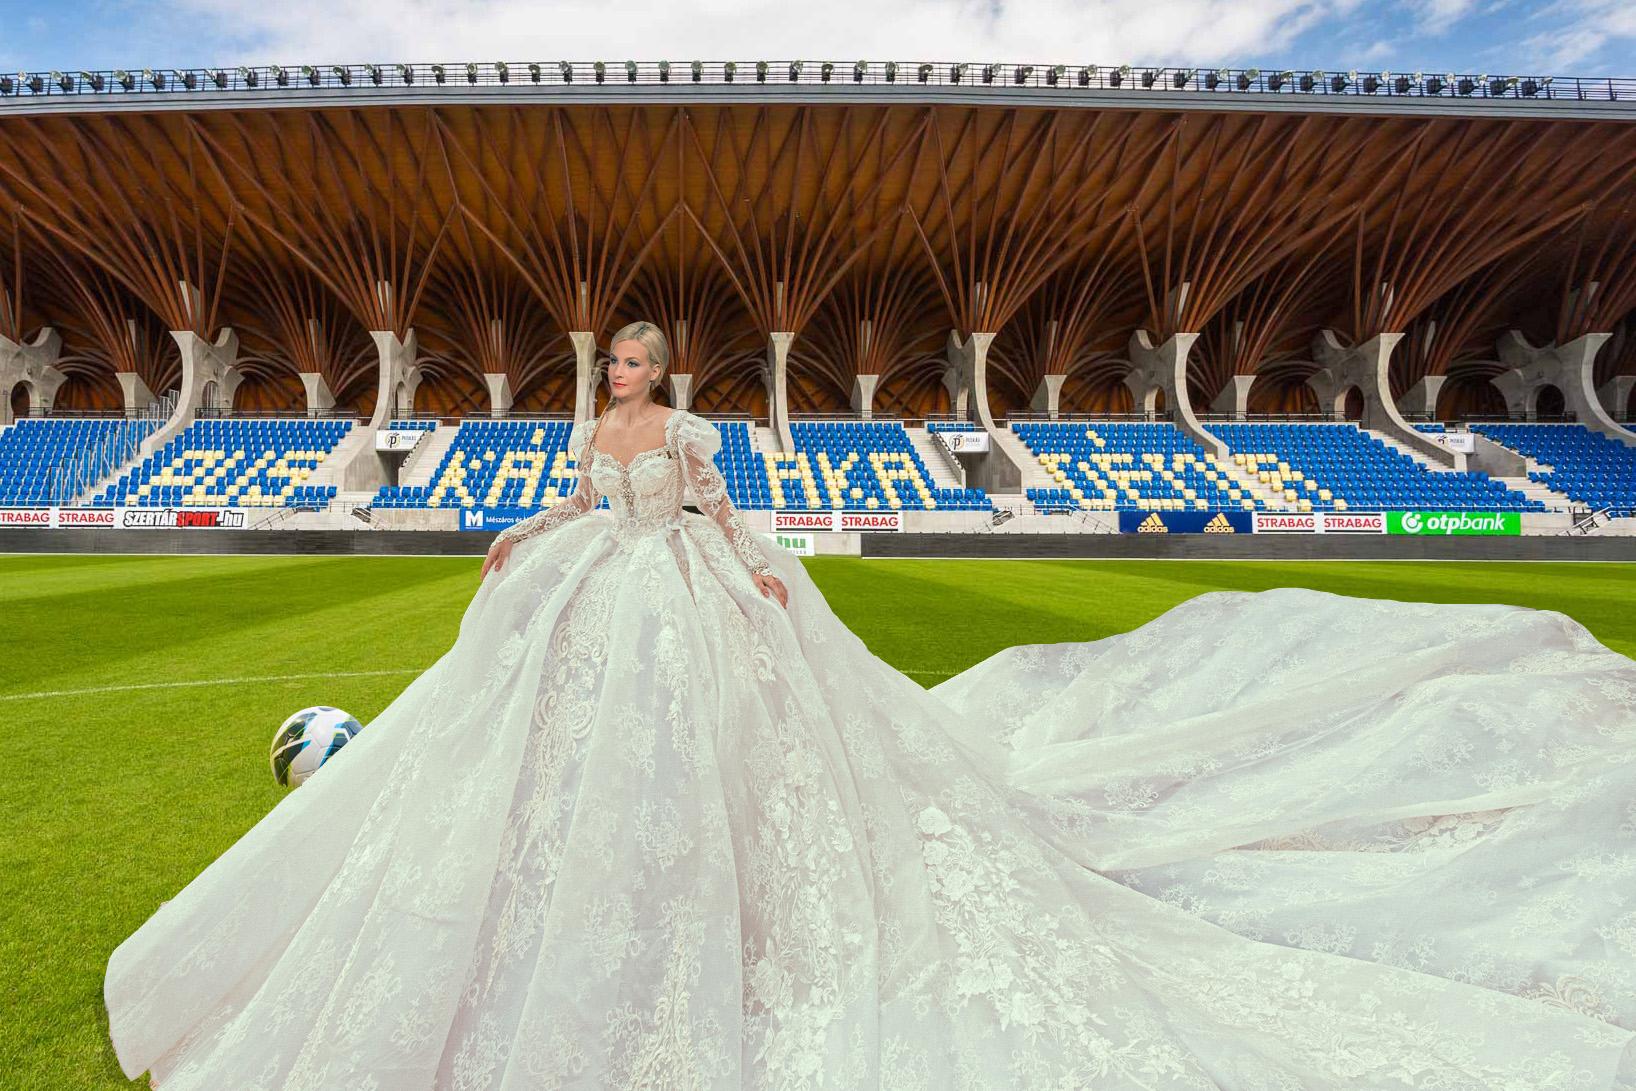 Futball menyasszony (Fotó: nlc illusztráció)